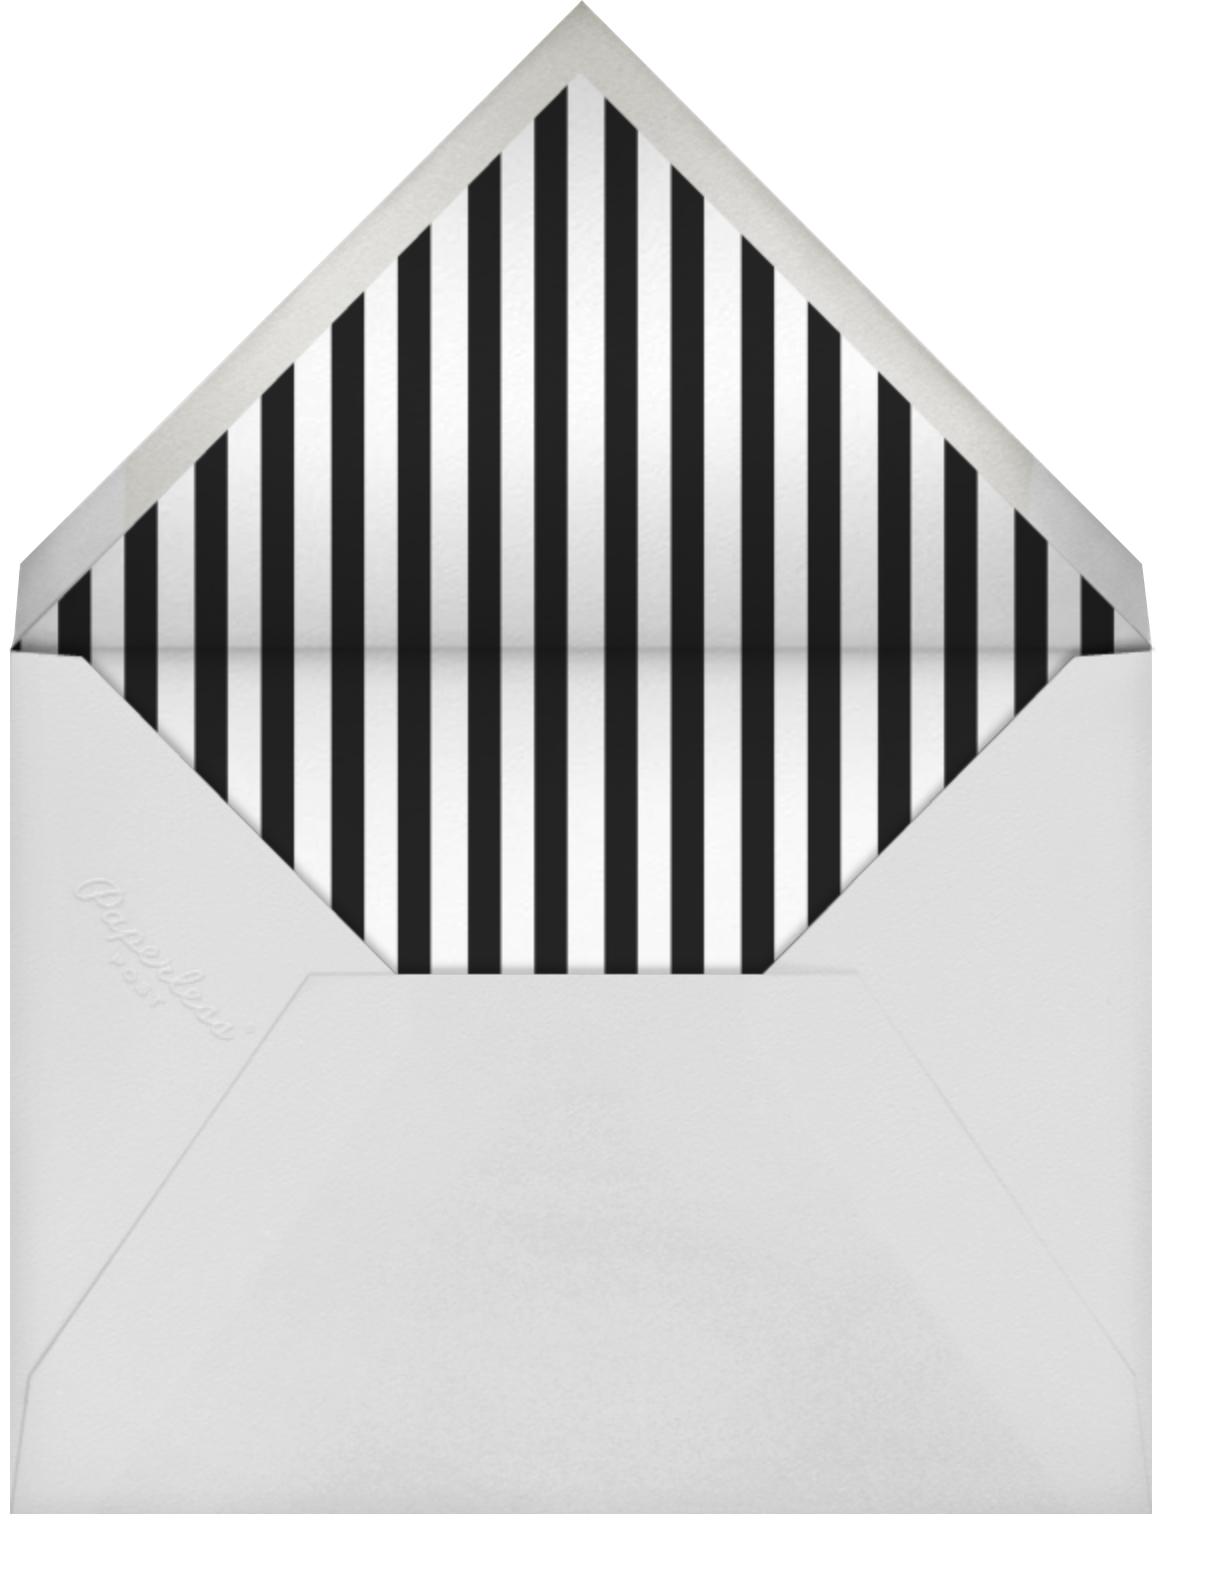 Wine Salut - Black - The Indigo Bunting - Reception - envelope back